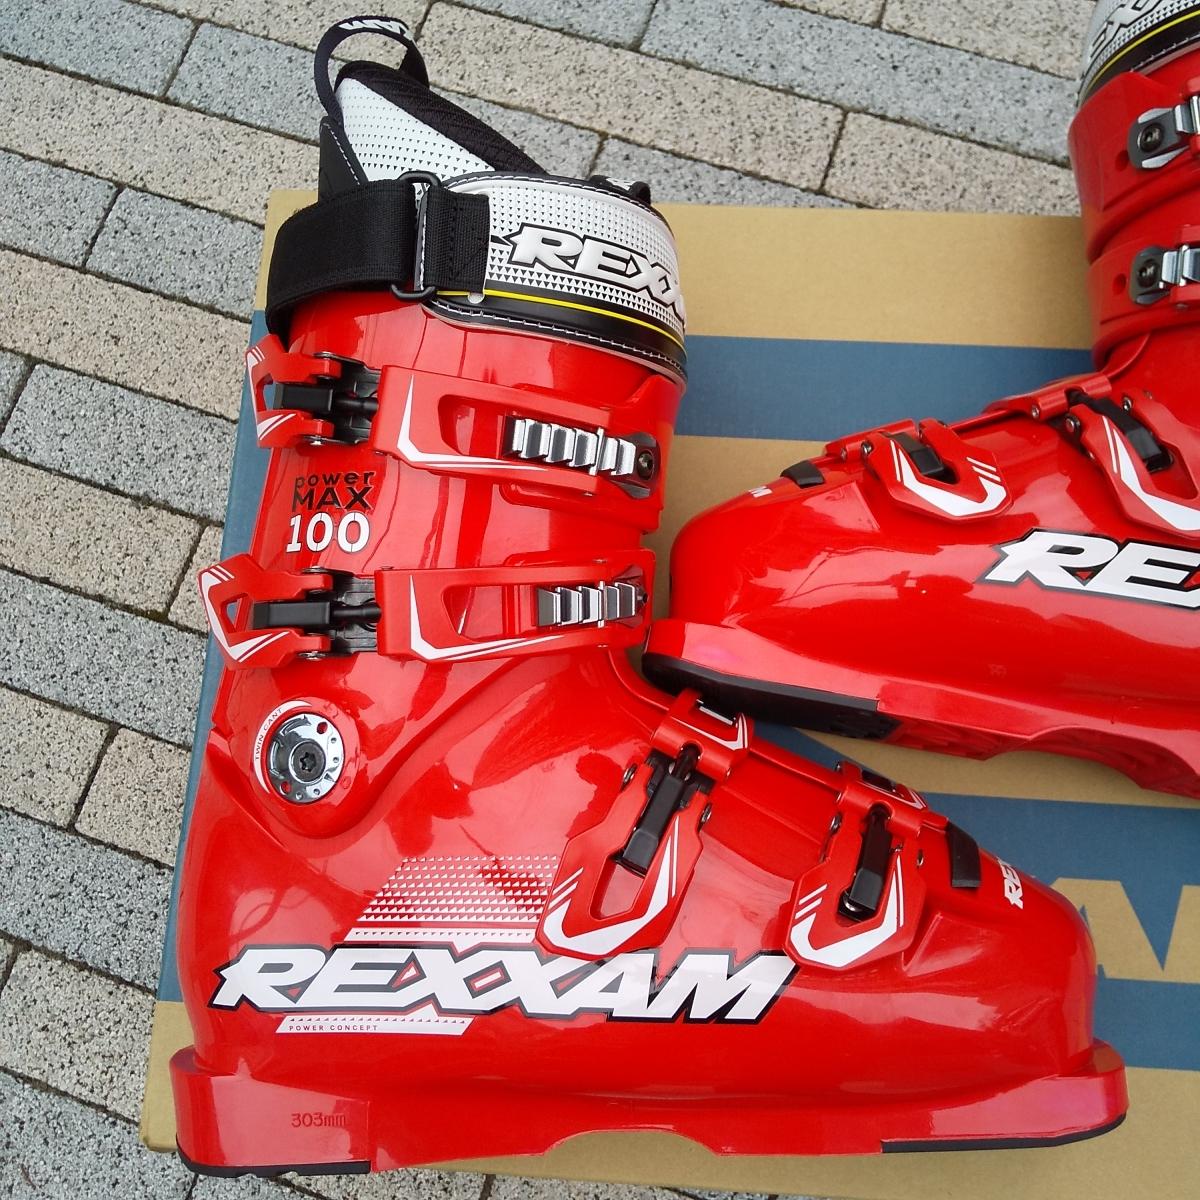 REXXAM Power MAX-100 26.0cm 26.5cm レクザム レグザム スキーブーツ_画像2